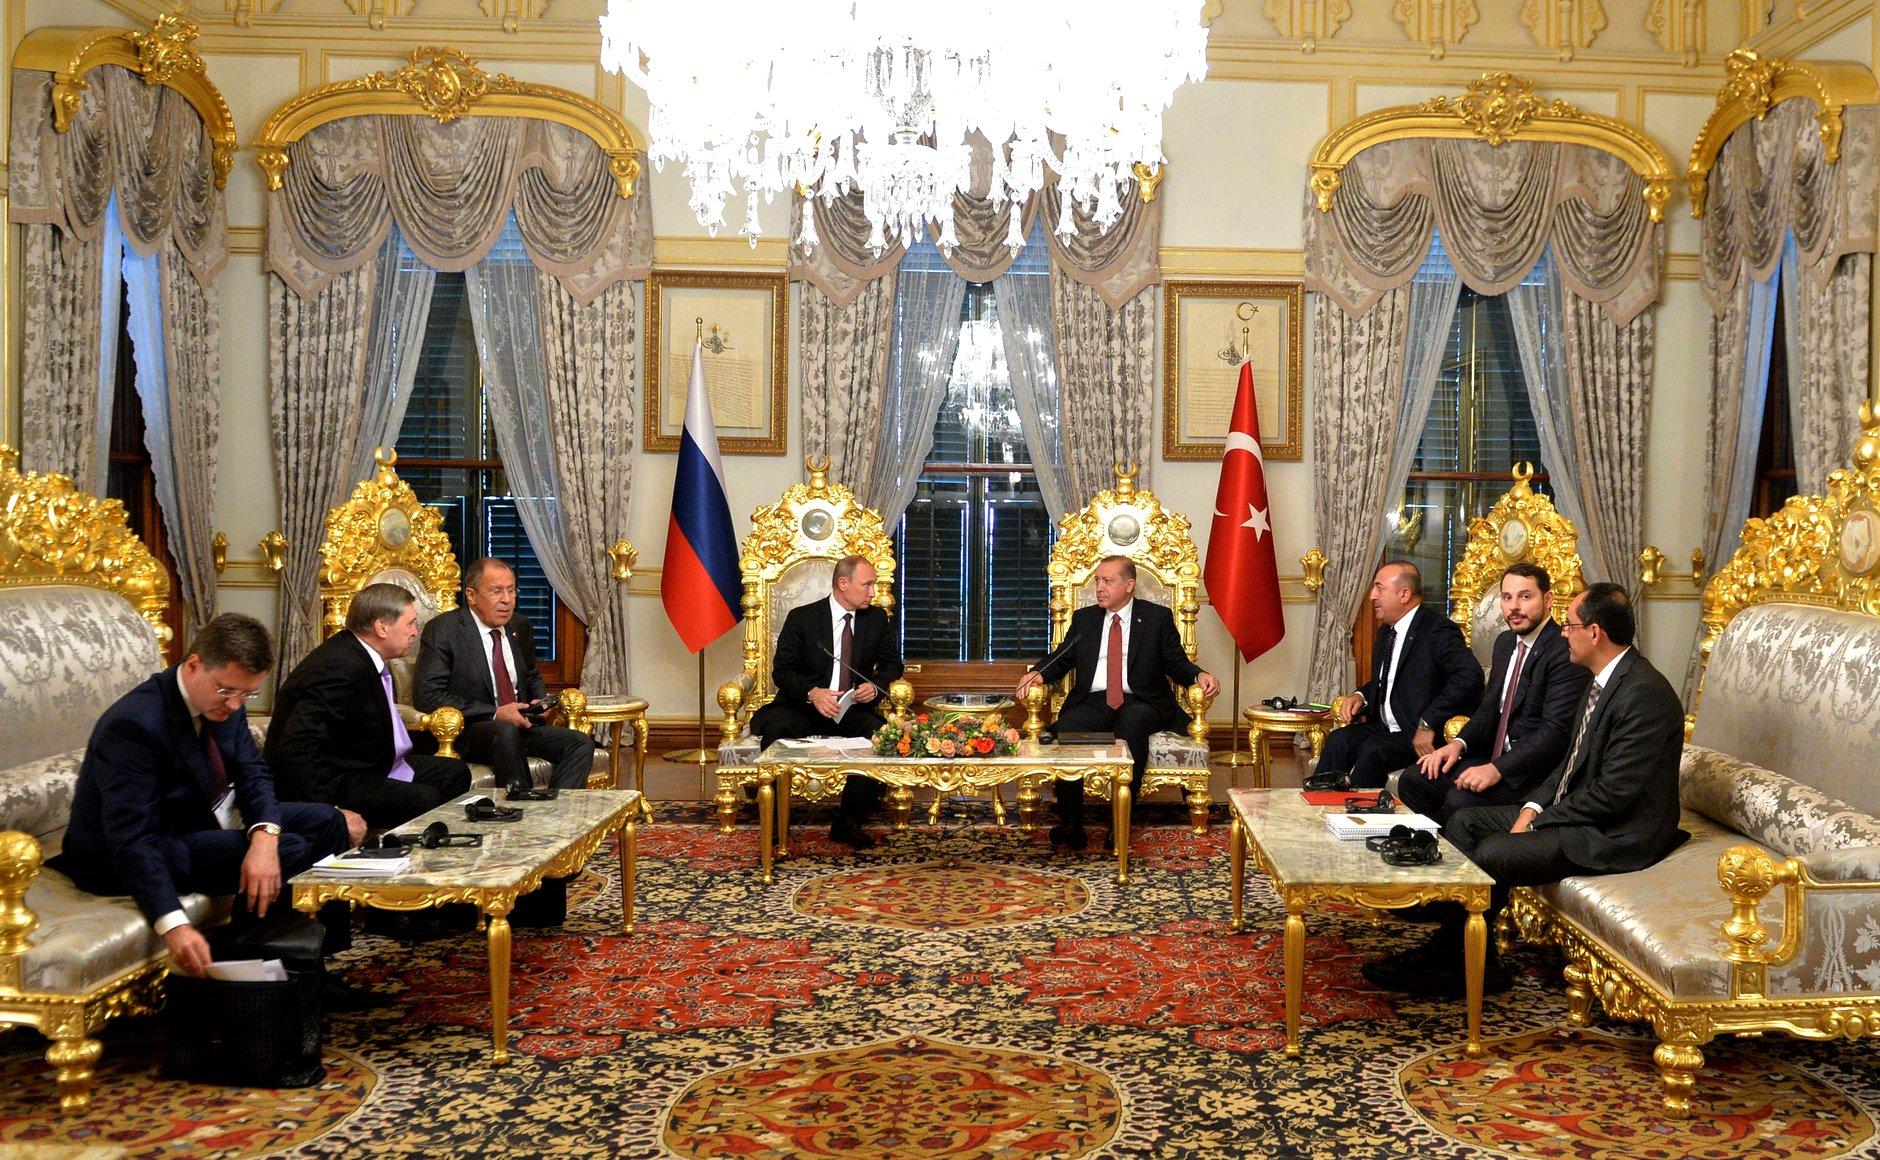 Pertemuan Rusia-Oposisi Suriah Dimediasi Turki, Tak Libatkan AS Sama Sekali